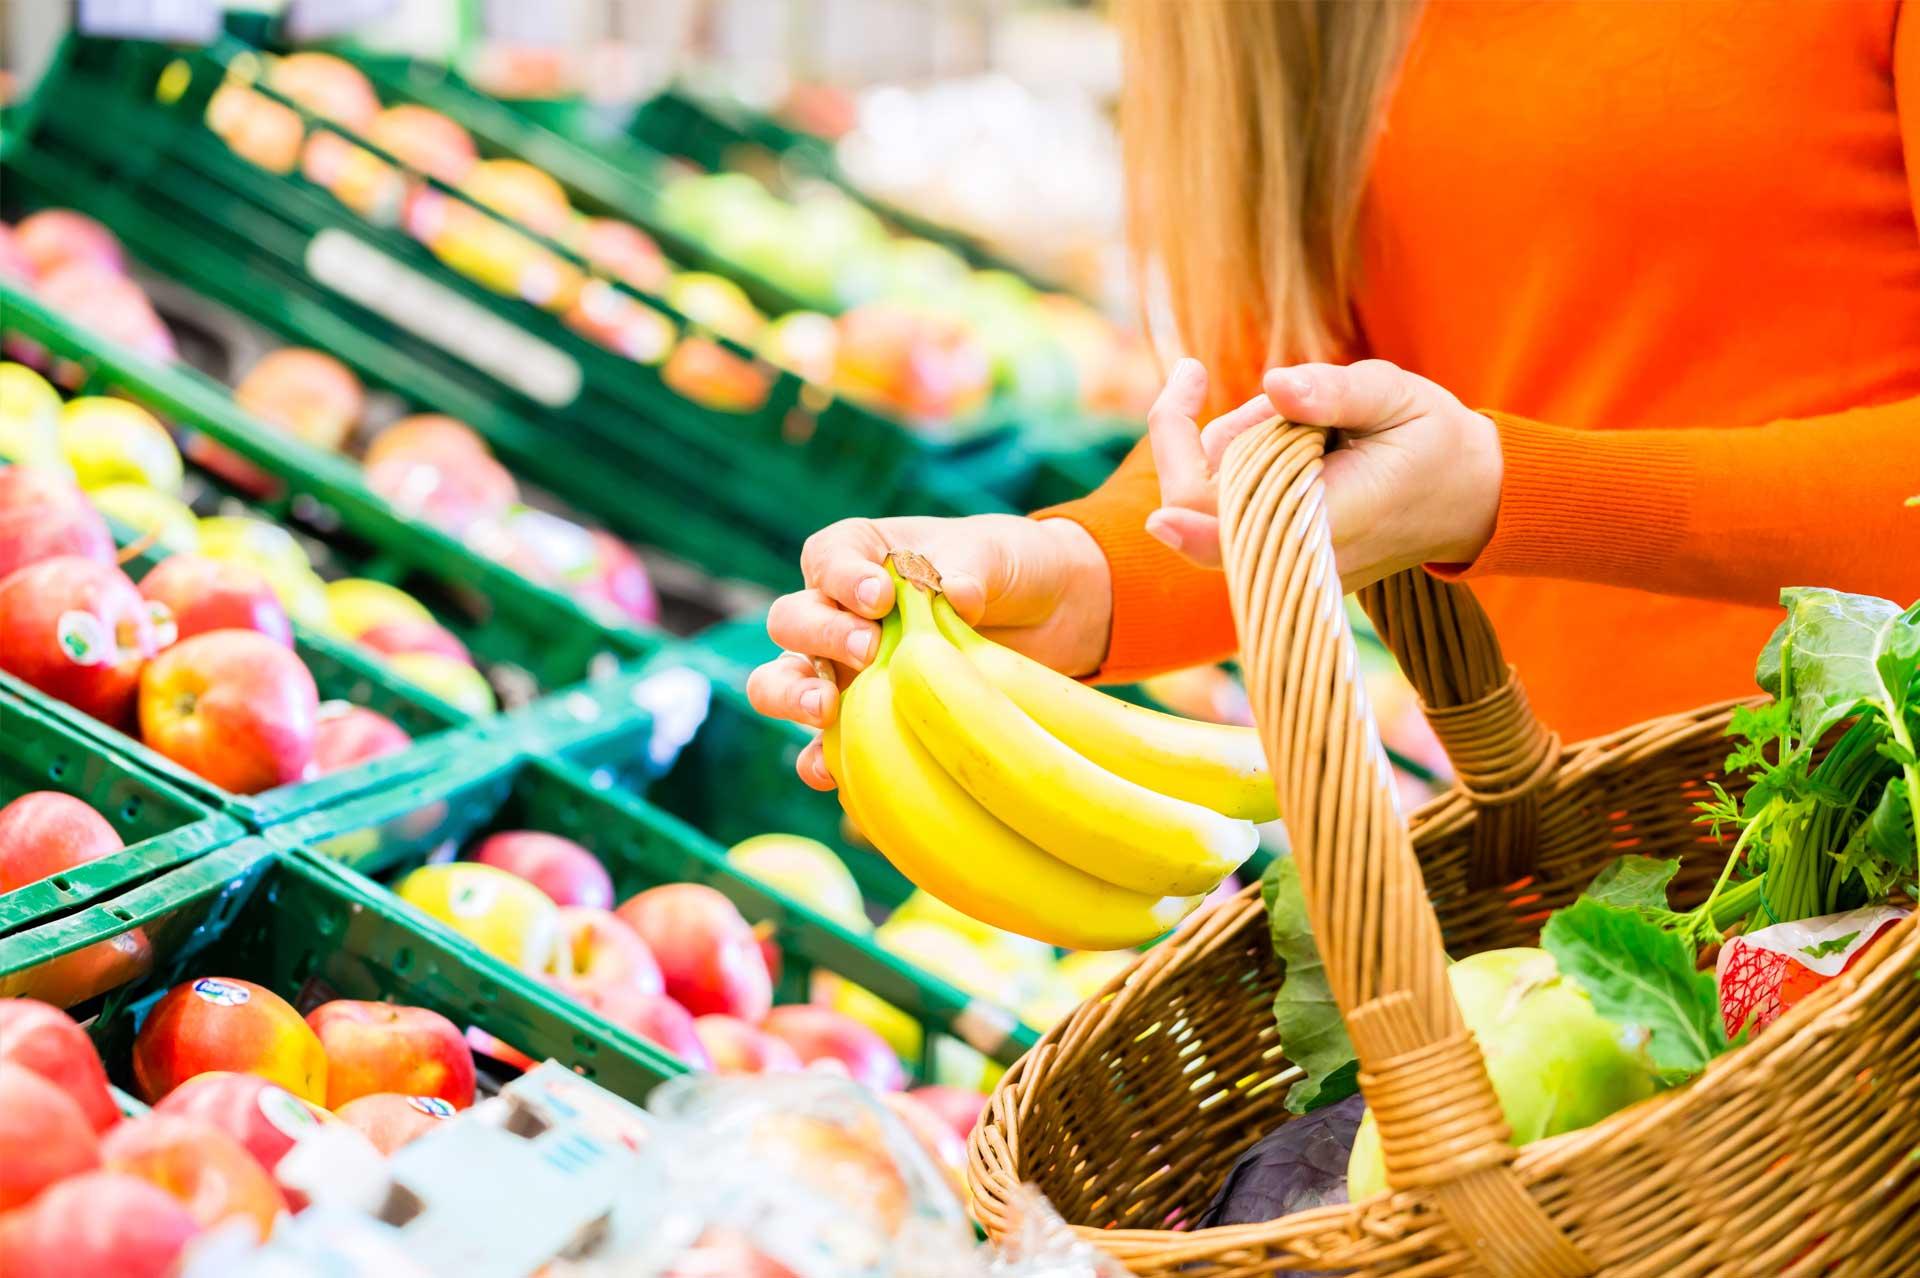 faire-les-courses-banner-slide-accueil-ts-clean-titres-services